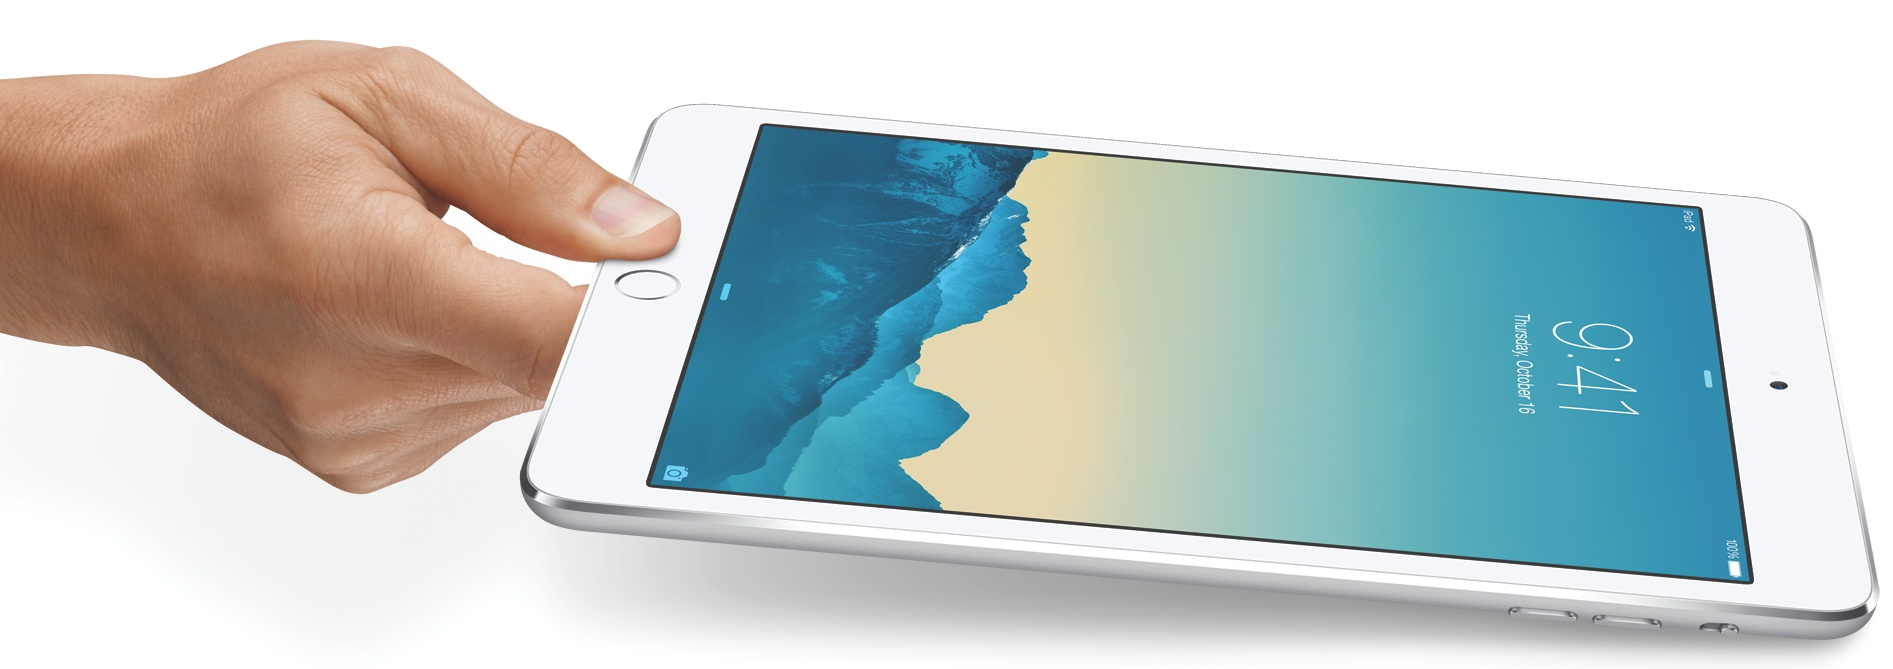 iPad mini уйдет с рынка